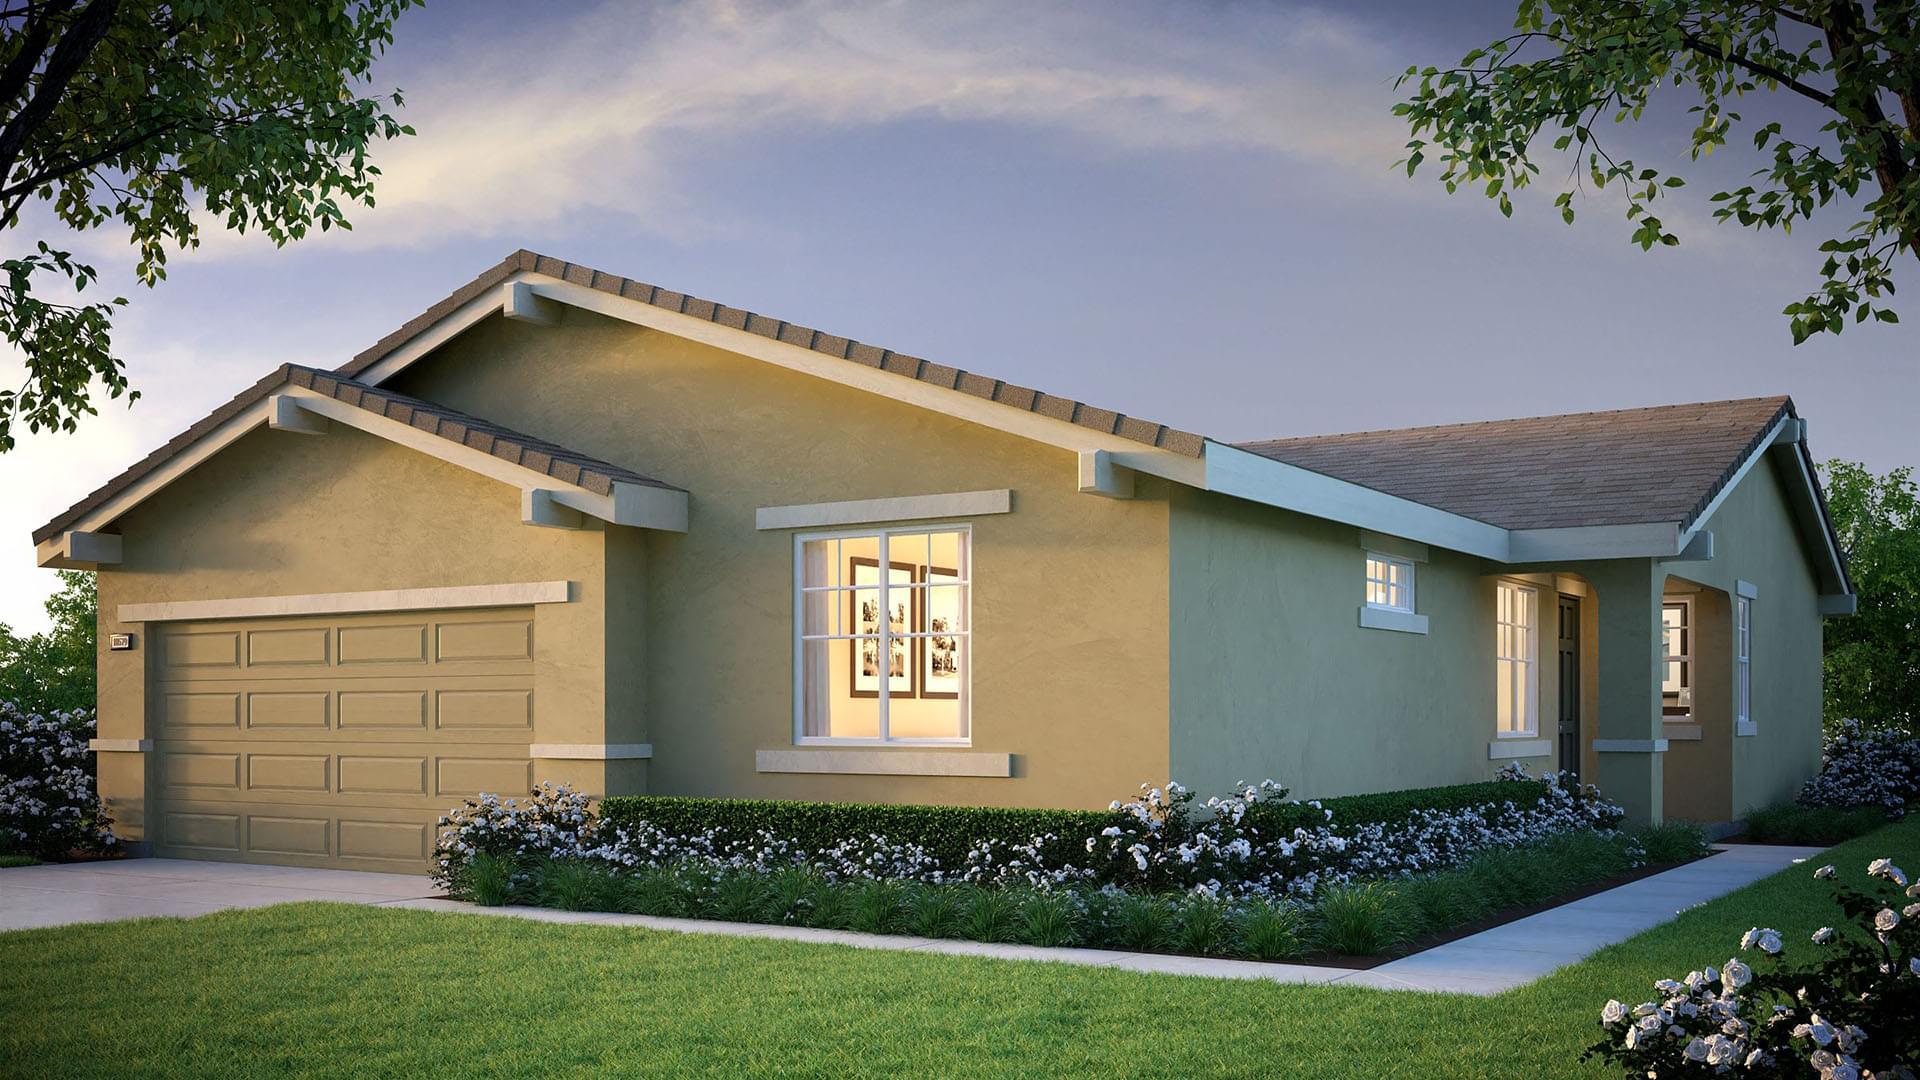 378 Copper Crest Drive in Copperopolis, CA by DeNova Homes